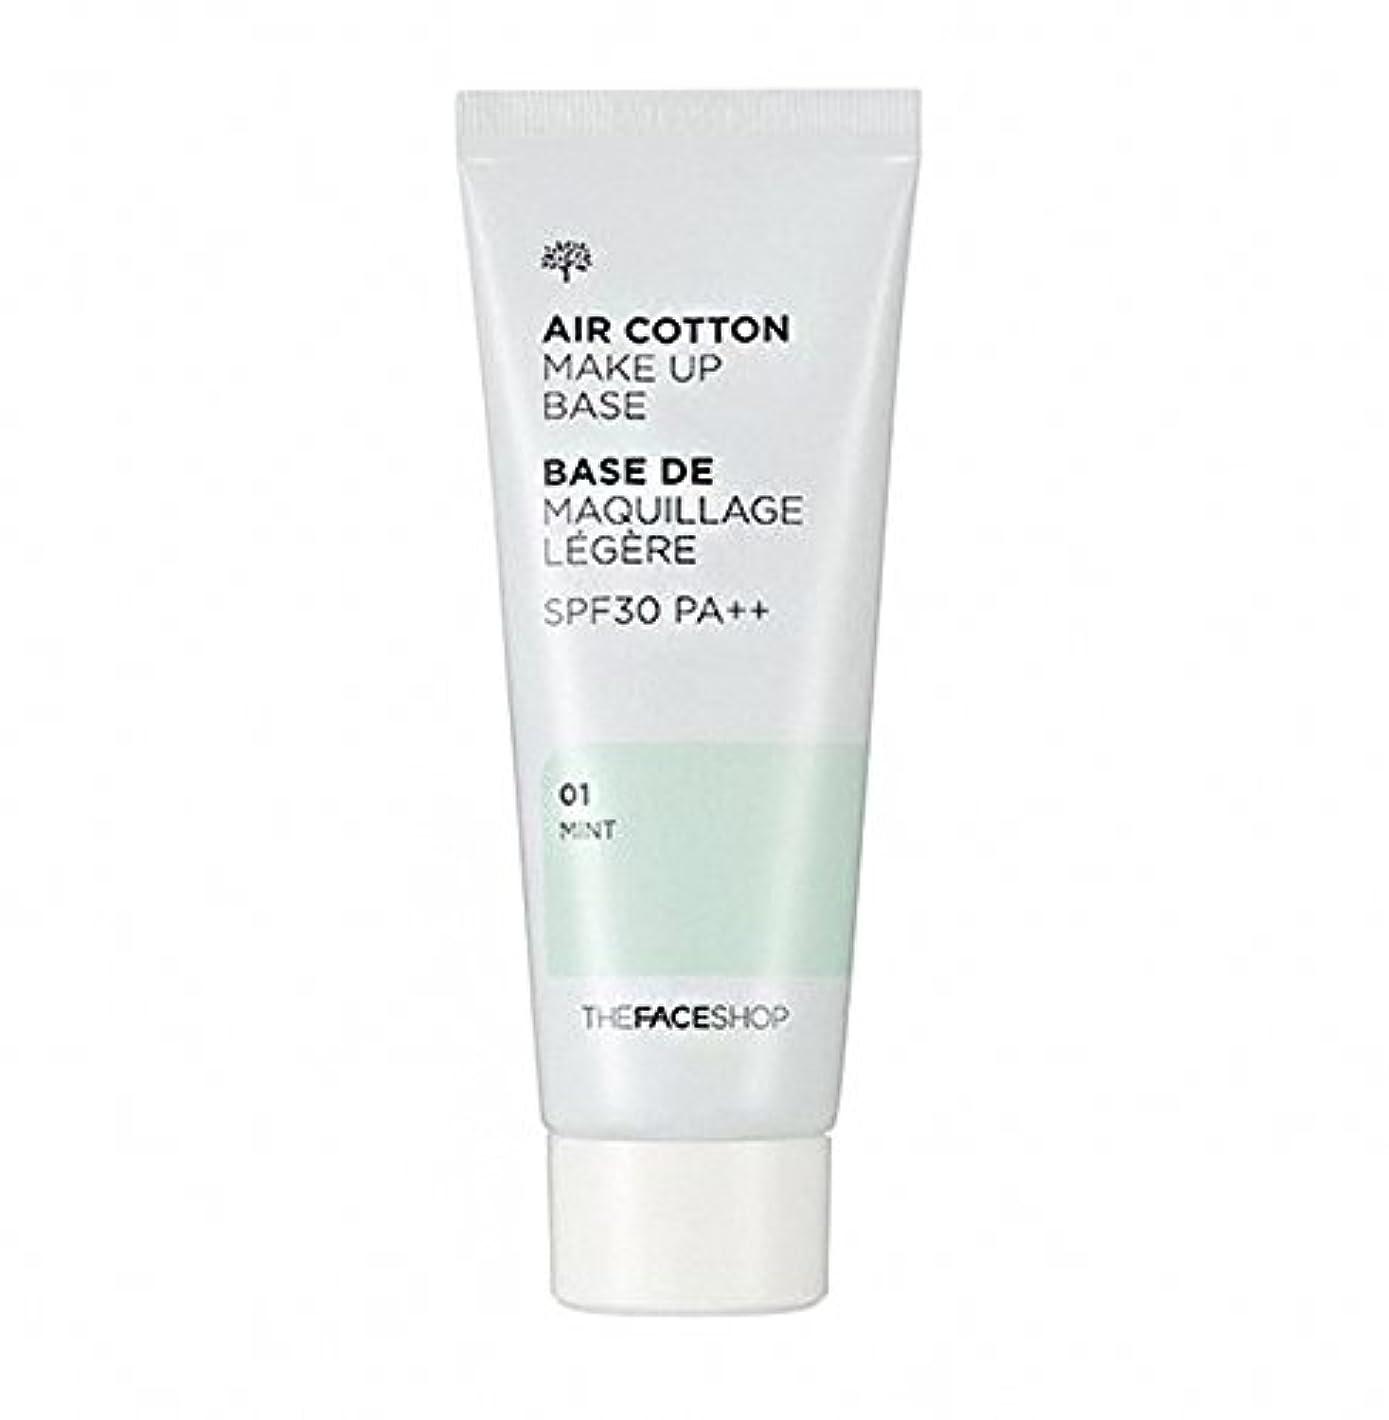 不振いちゃつく安全性ザ·フェイスショップ The Face Shop エアコットン メーキャップ ベース 40ml(01 ミント) The Face Shop air Cotton Makeup Base 40ml(01 Mint) [海外直送品]